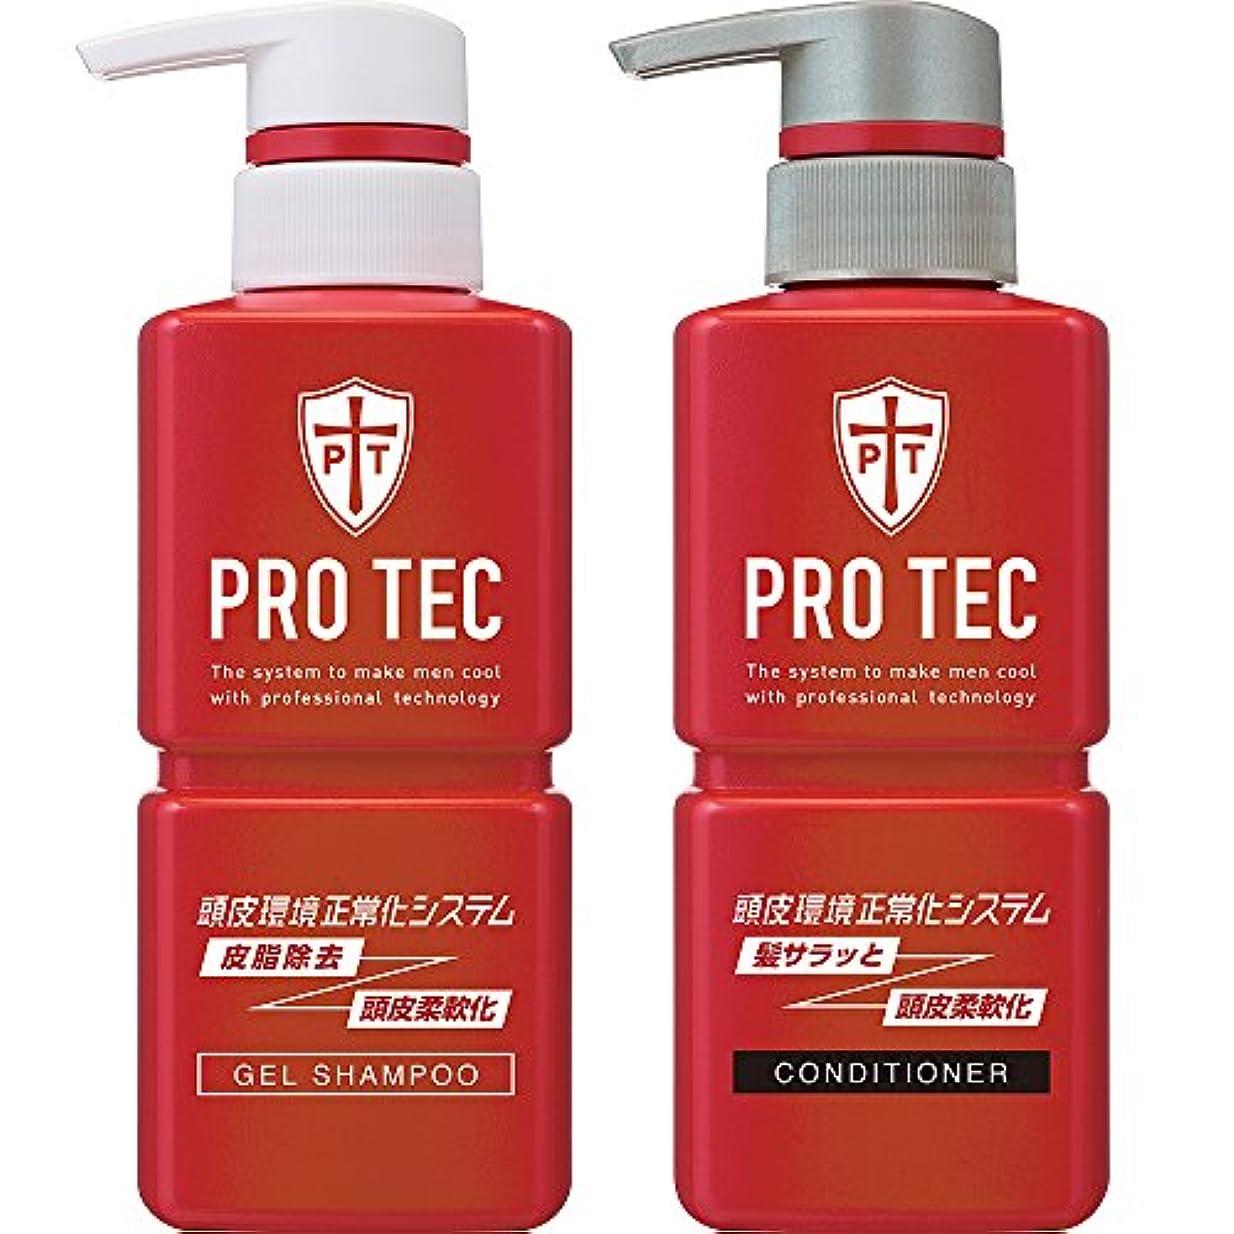 ぼかす獲物換気PRO TEC(プロテク) 頭皮ストレッチ シャンプー ポンプ 300g(医薬部外品)+ コンディショナー ポンプ 300g